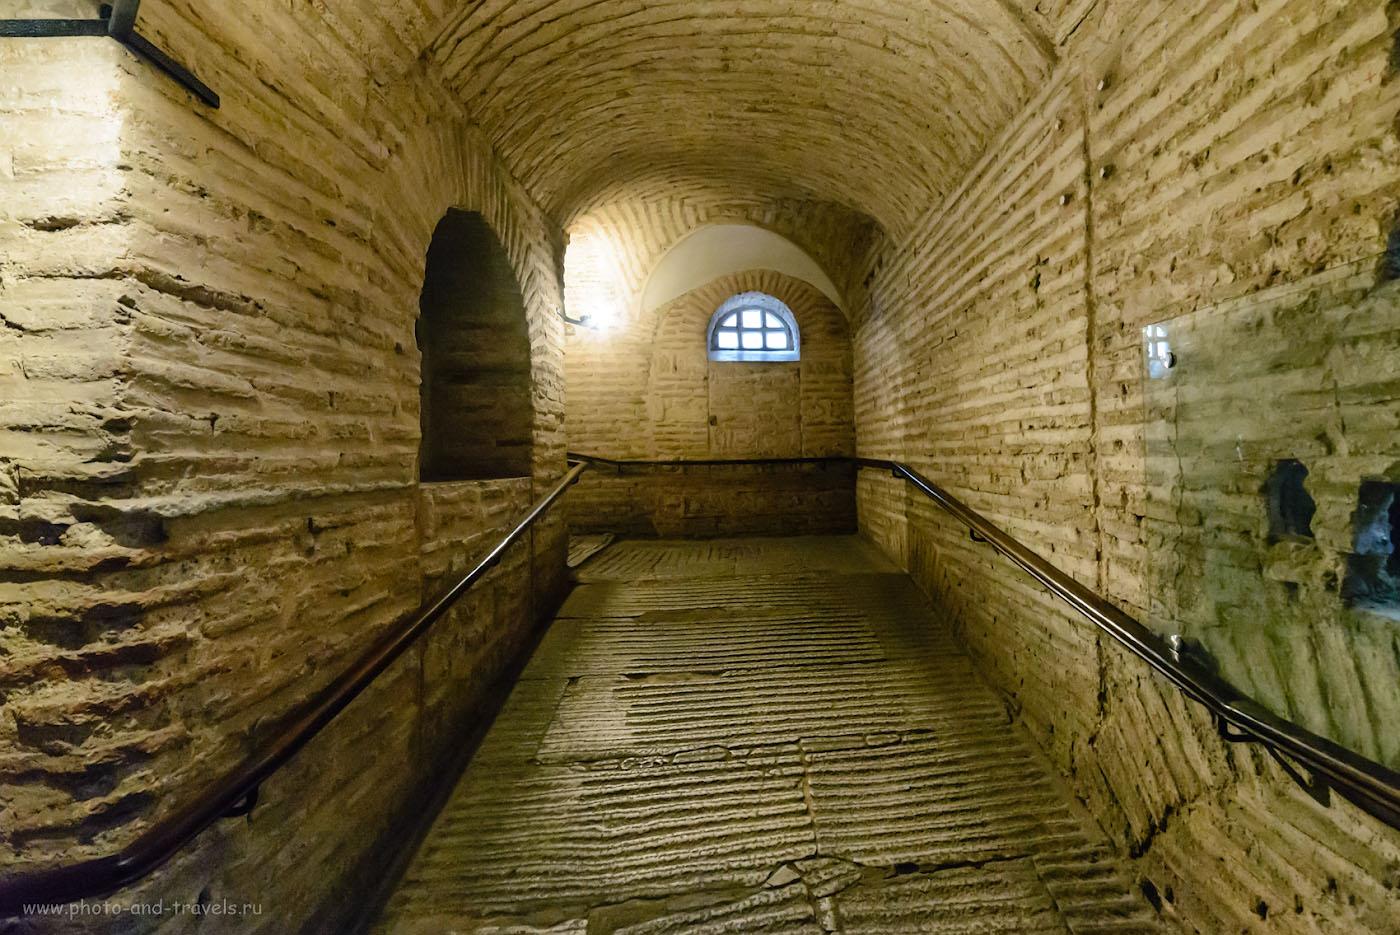 Фото 25. Коридор на второй этаж, в галерею Айя-Софии. 1/60, +1.0, 8063, 14.